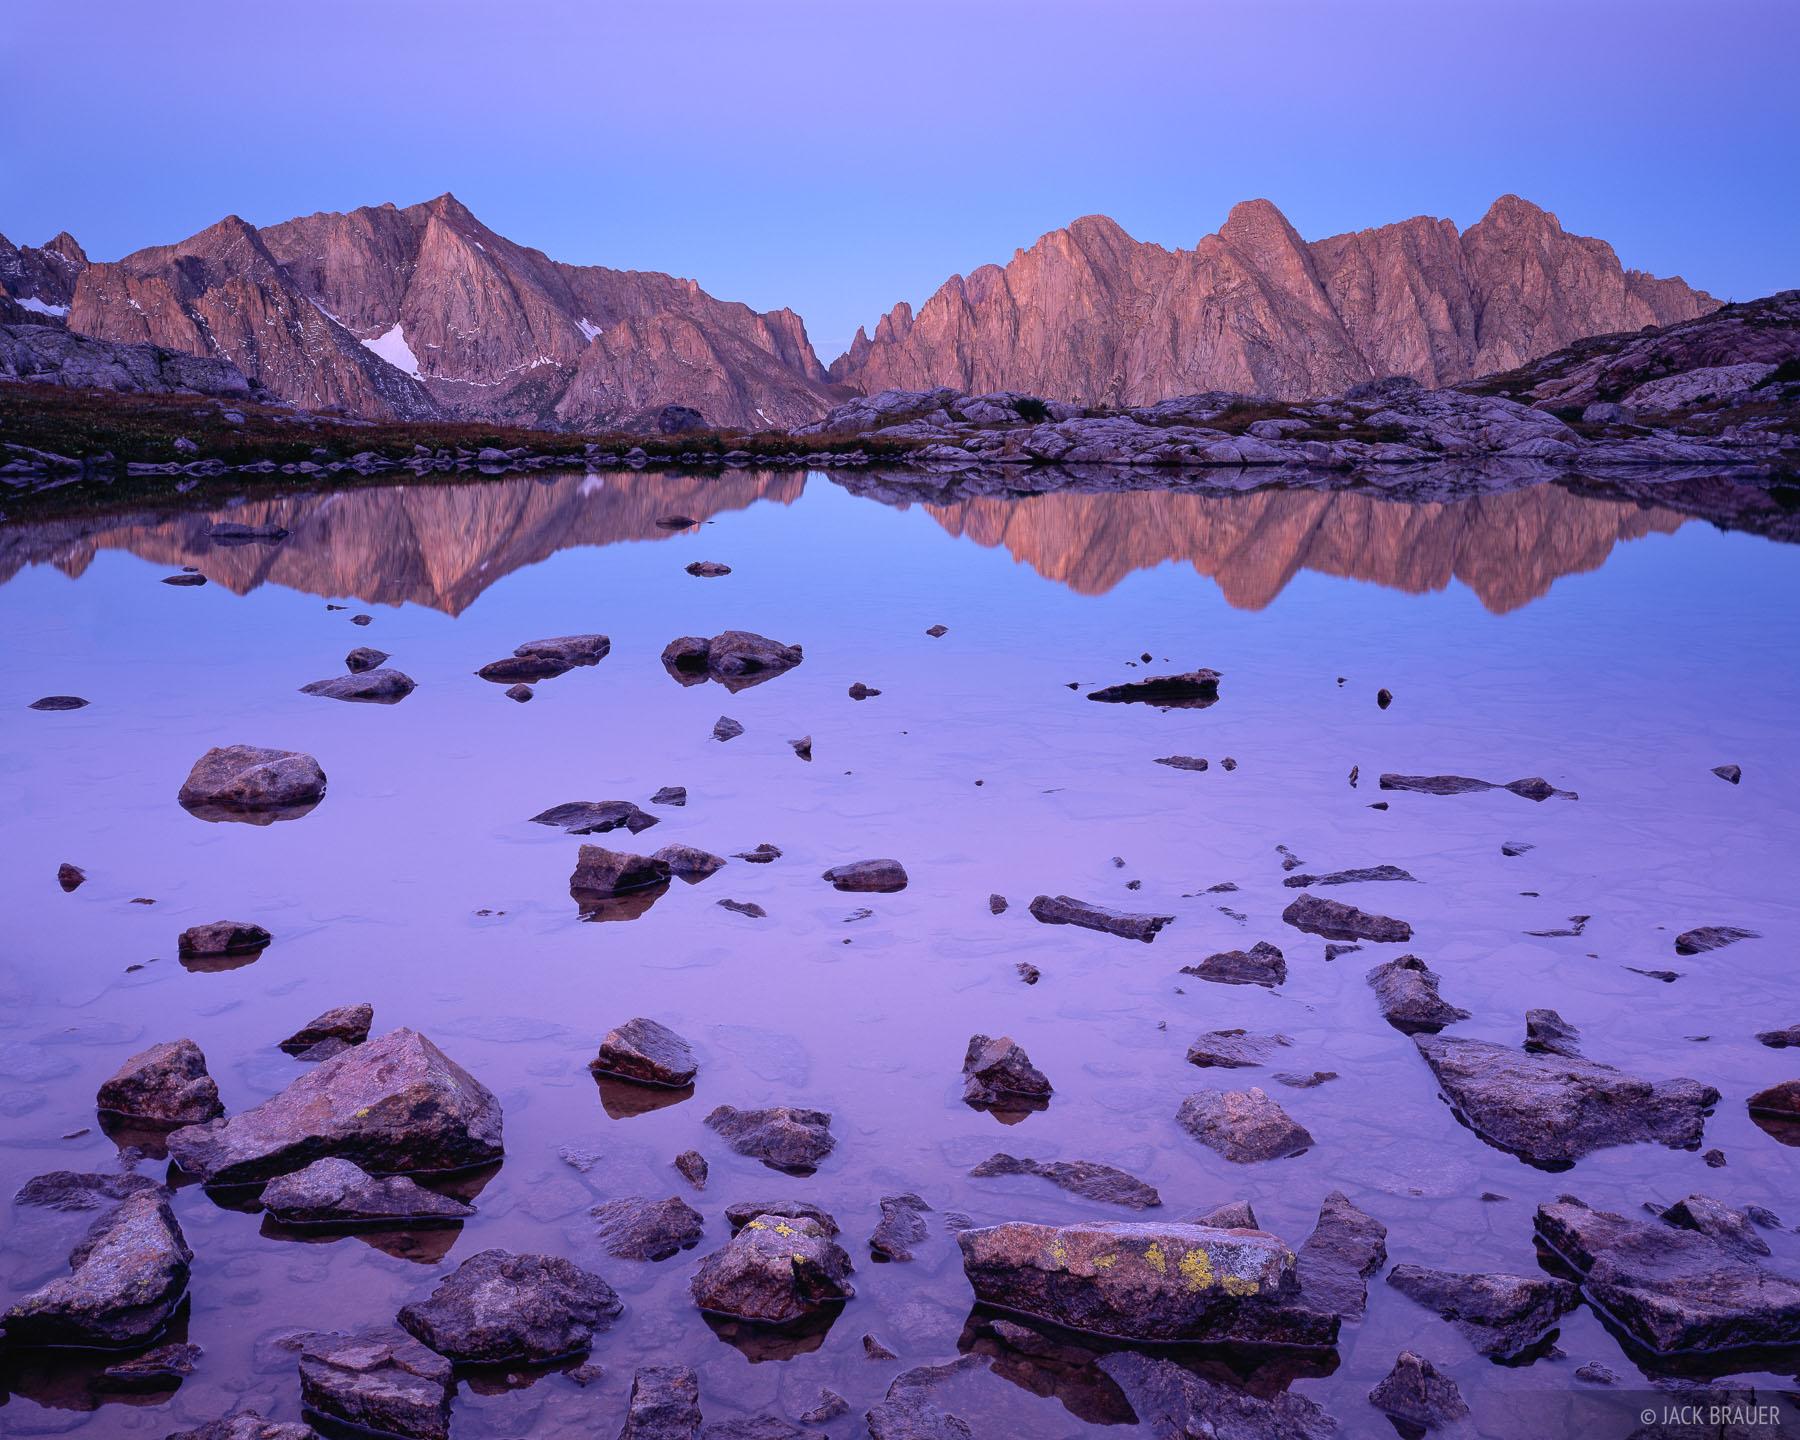 Mount Eolus, reflection, Needle Mountains, Colorado, photo